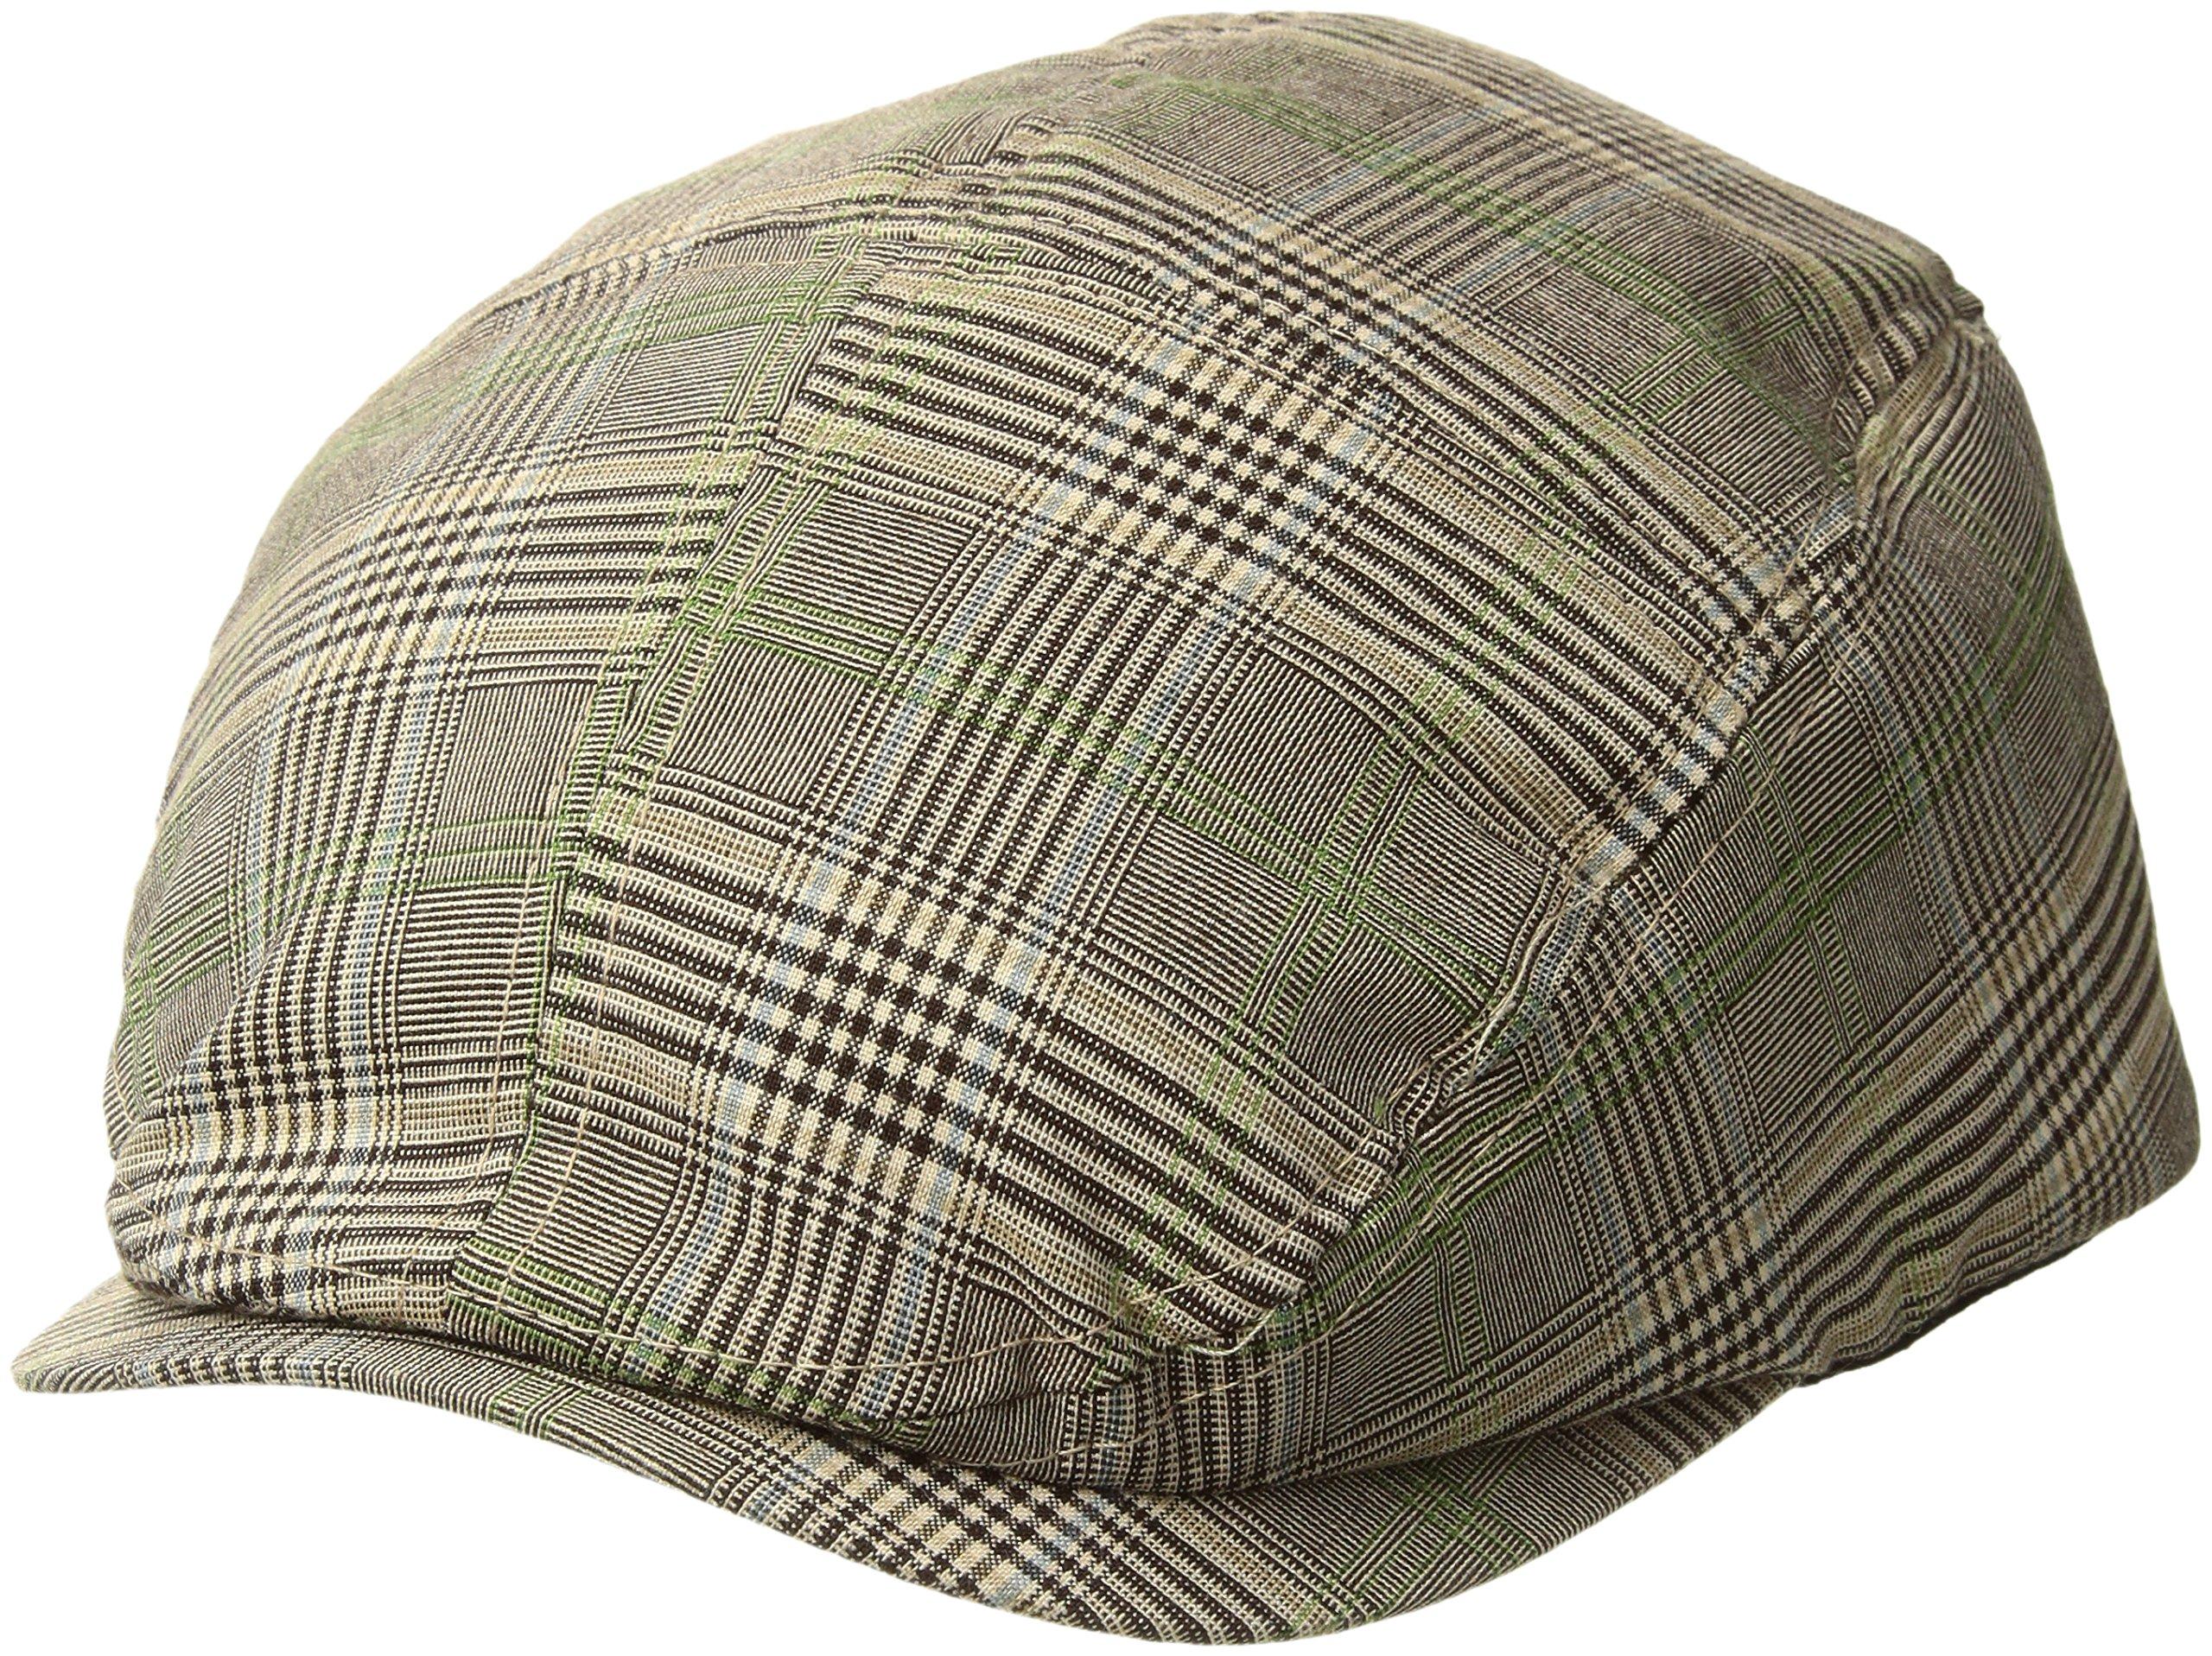 b1627818e5de8 Galleon - MG Men s Plaid Ivy Newsboy Cap Hat (Brown